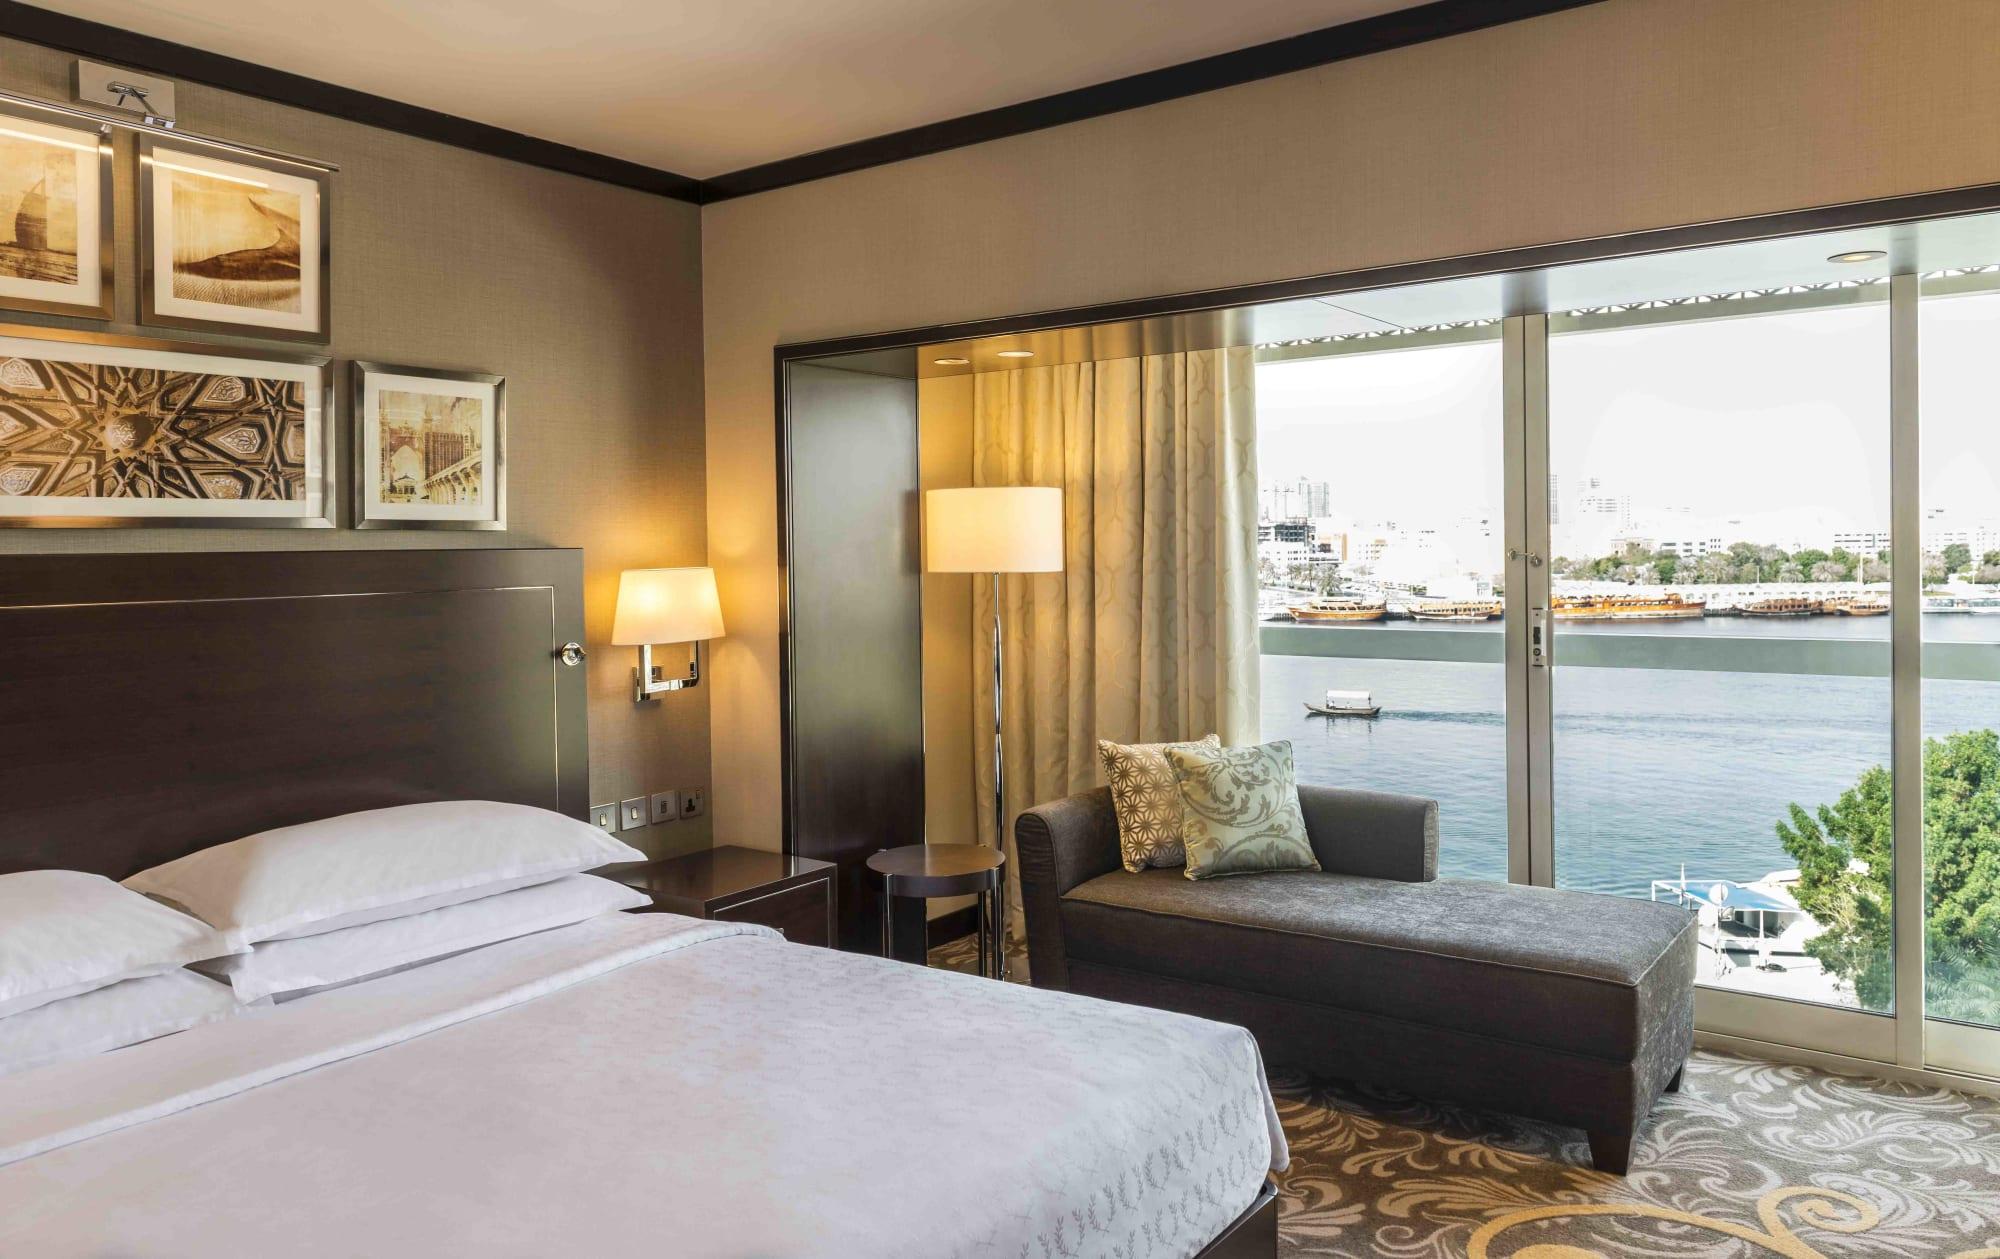 Отель sheraton дубай сайты продажи недвижимости за рубежом